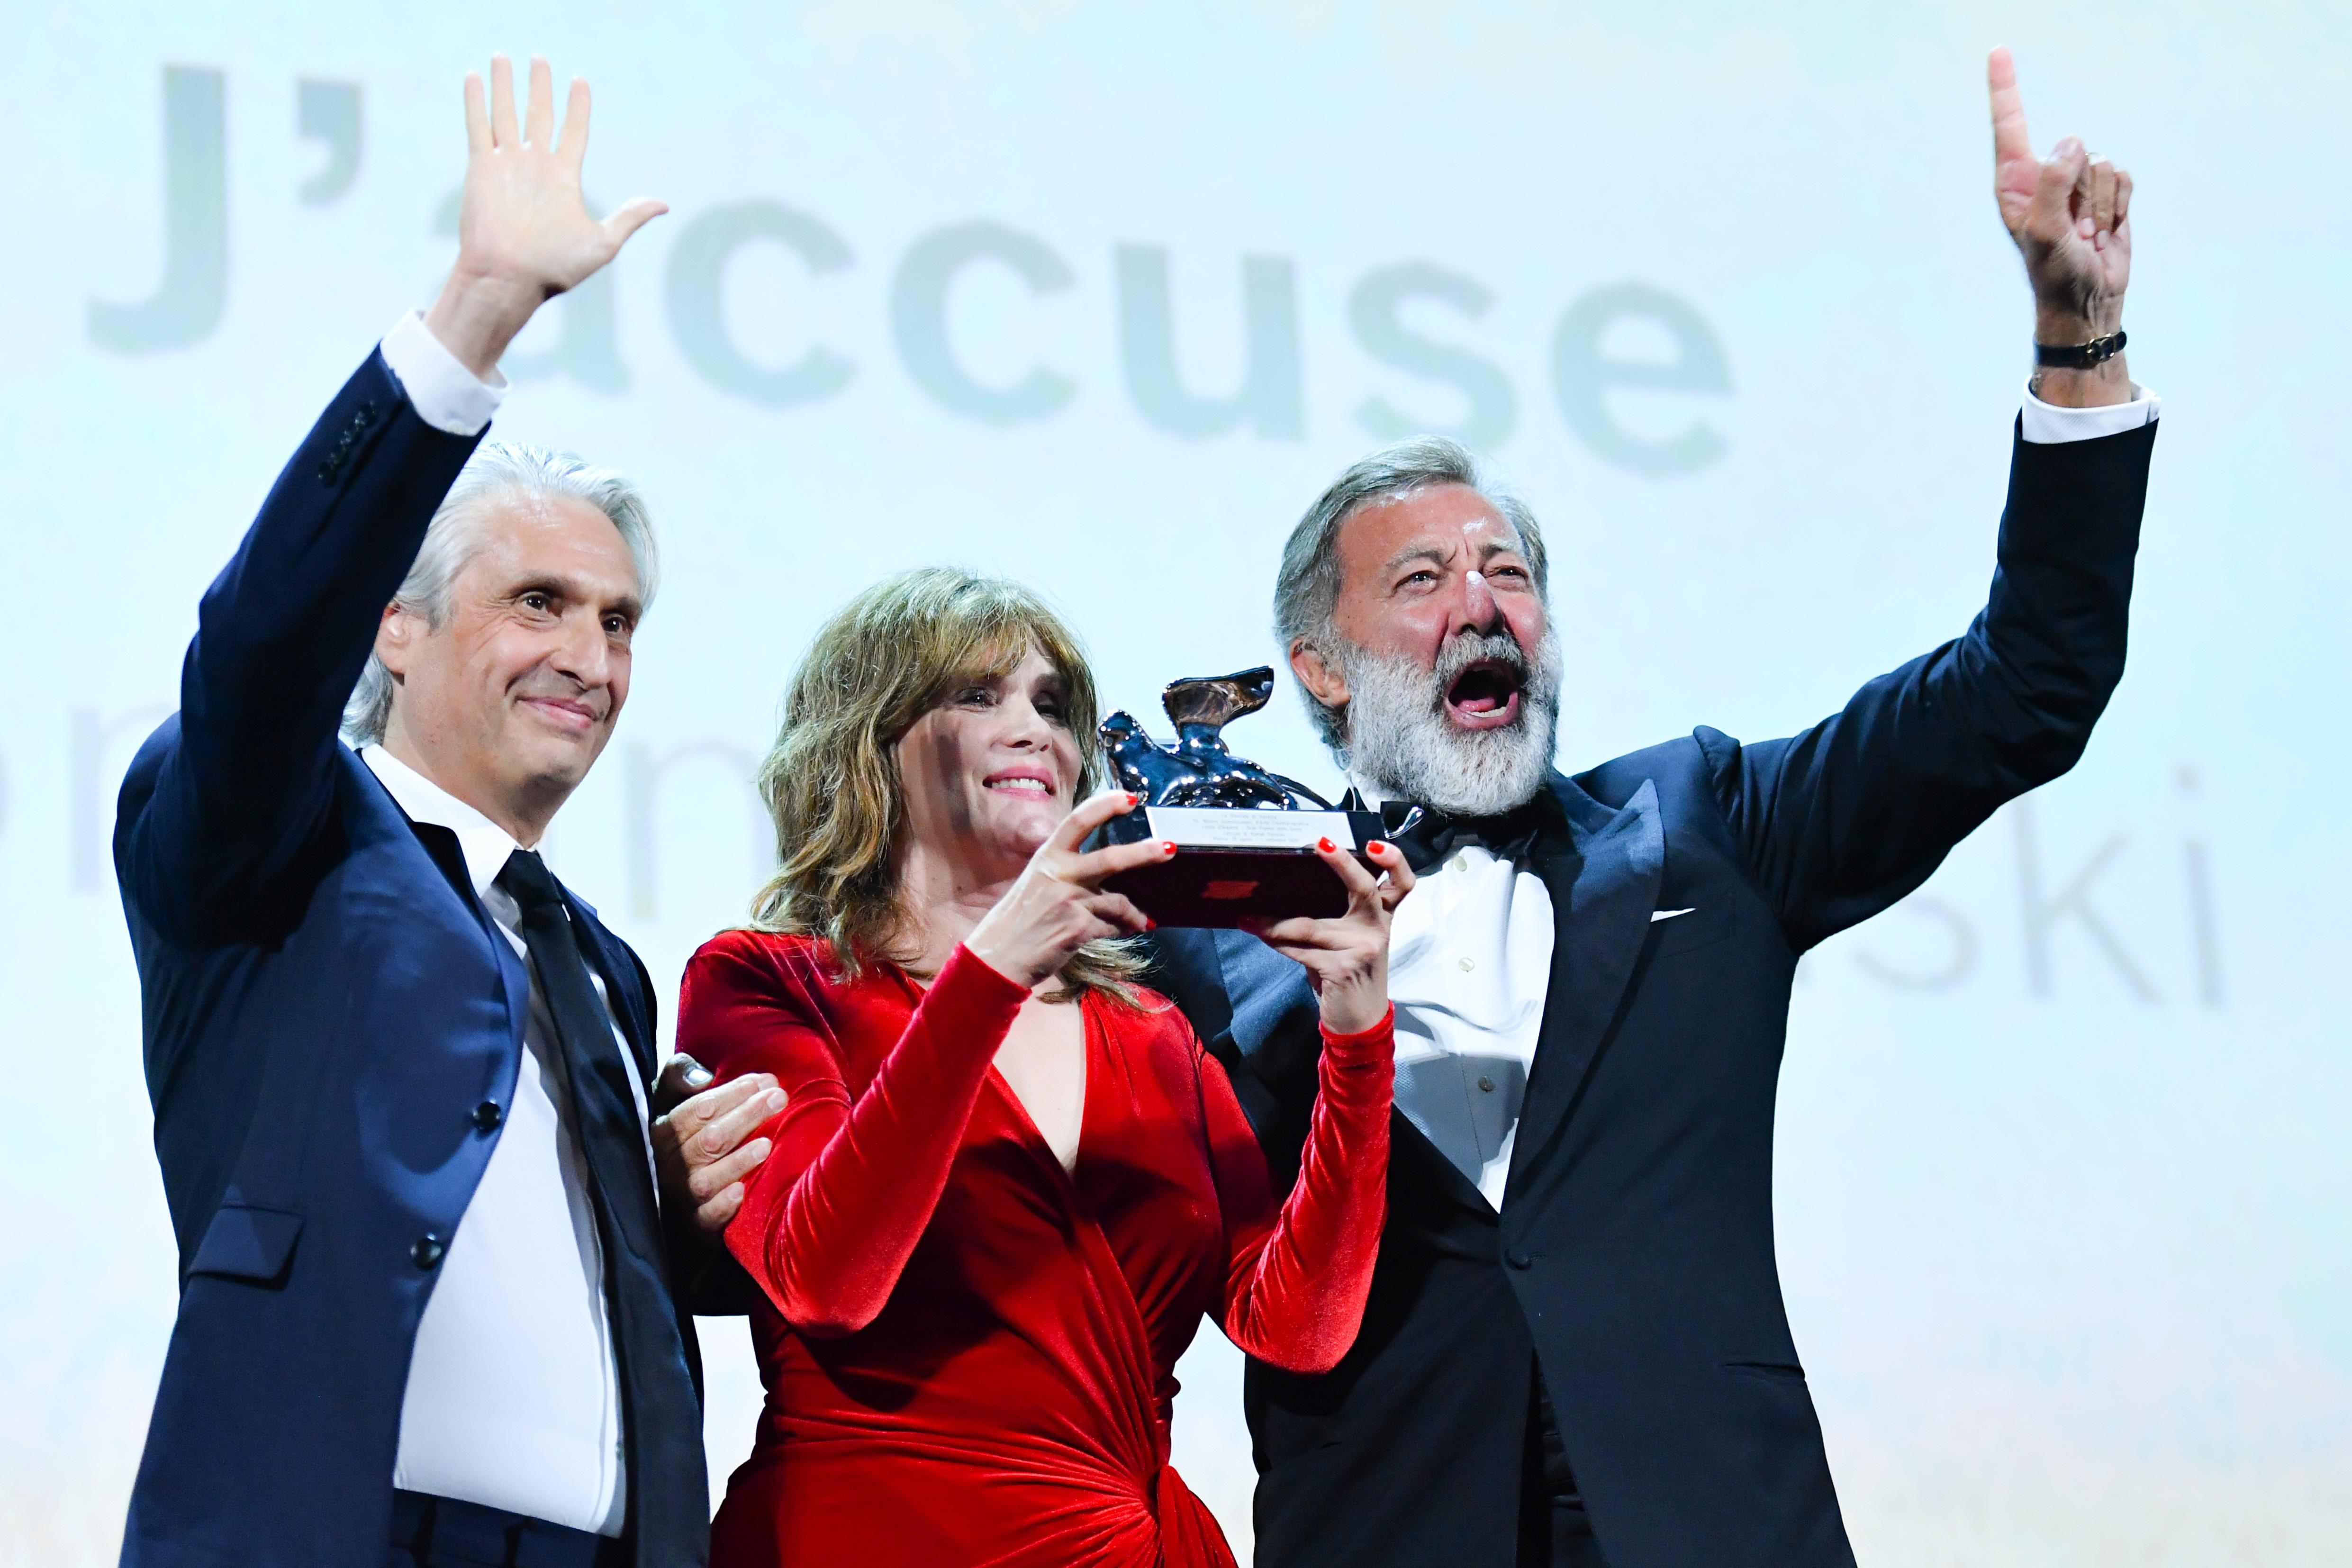 pelicula de polanski gana el leon de plata del festival de cine de venecia